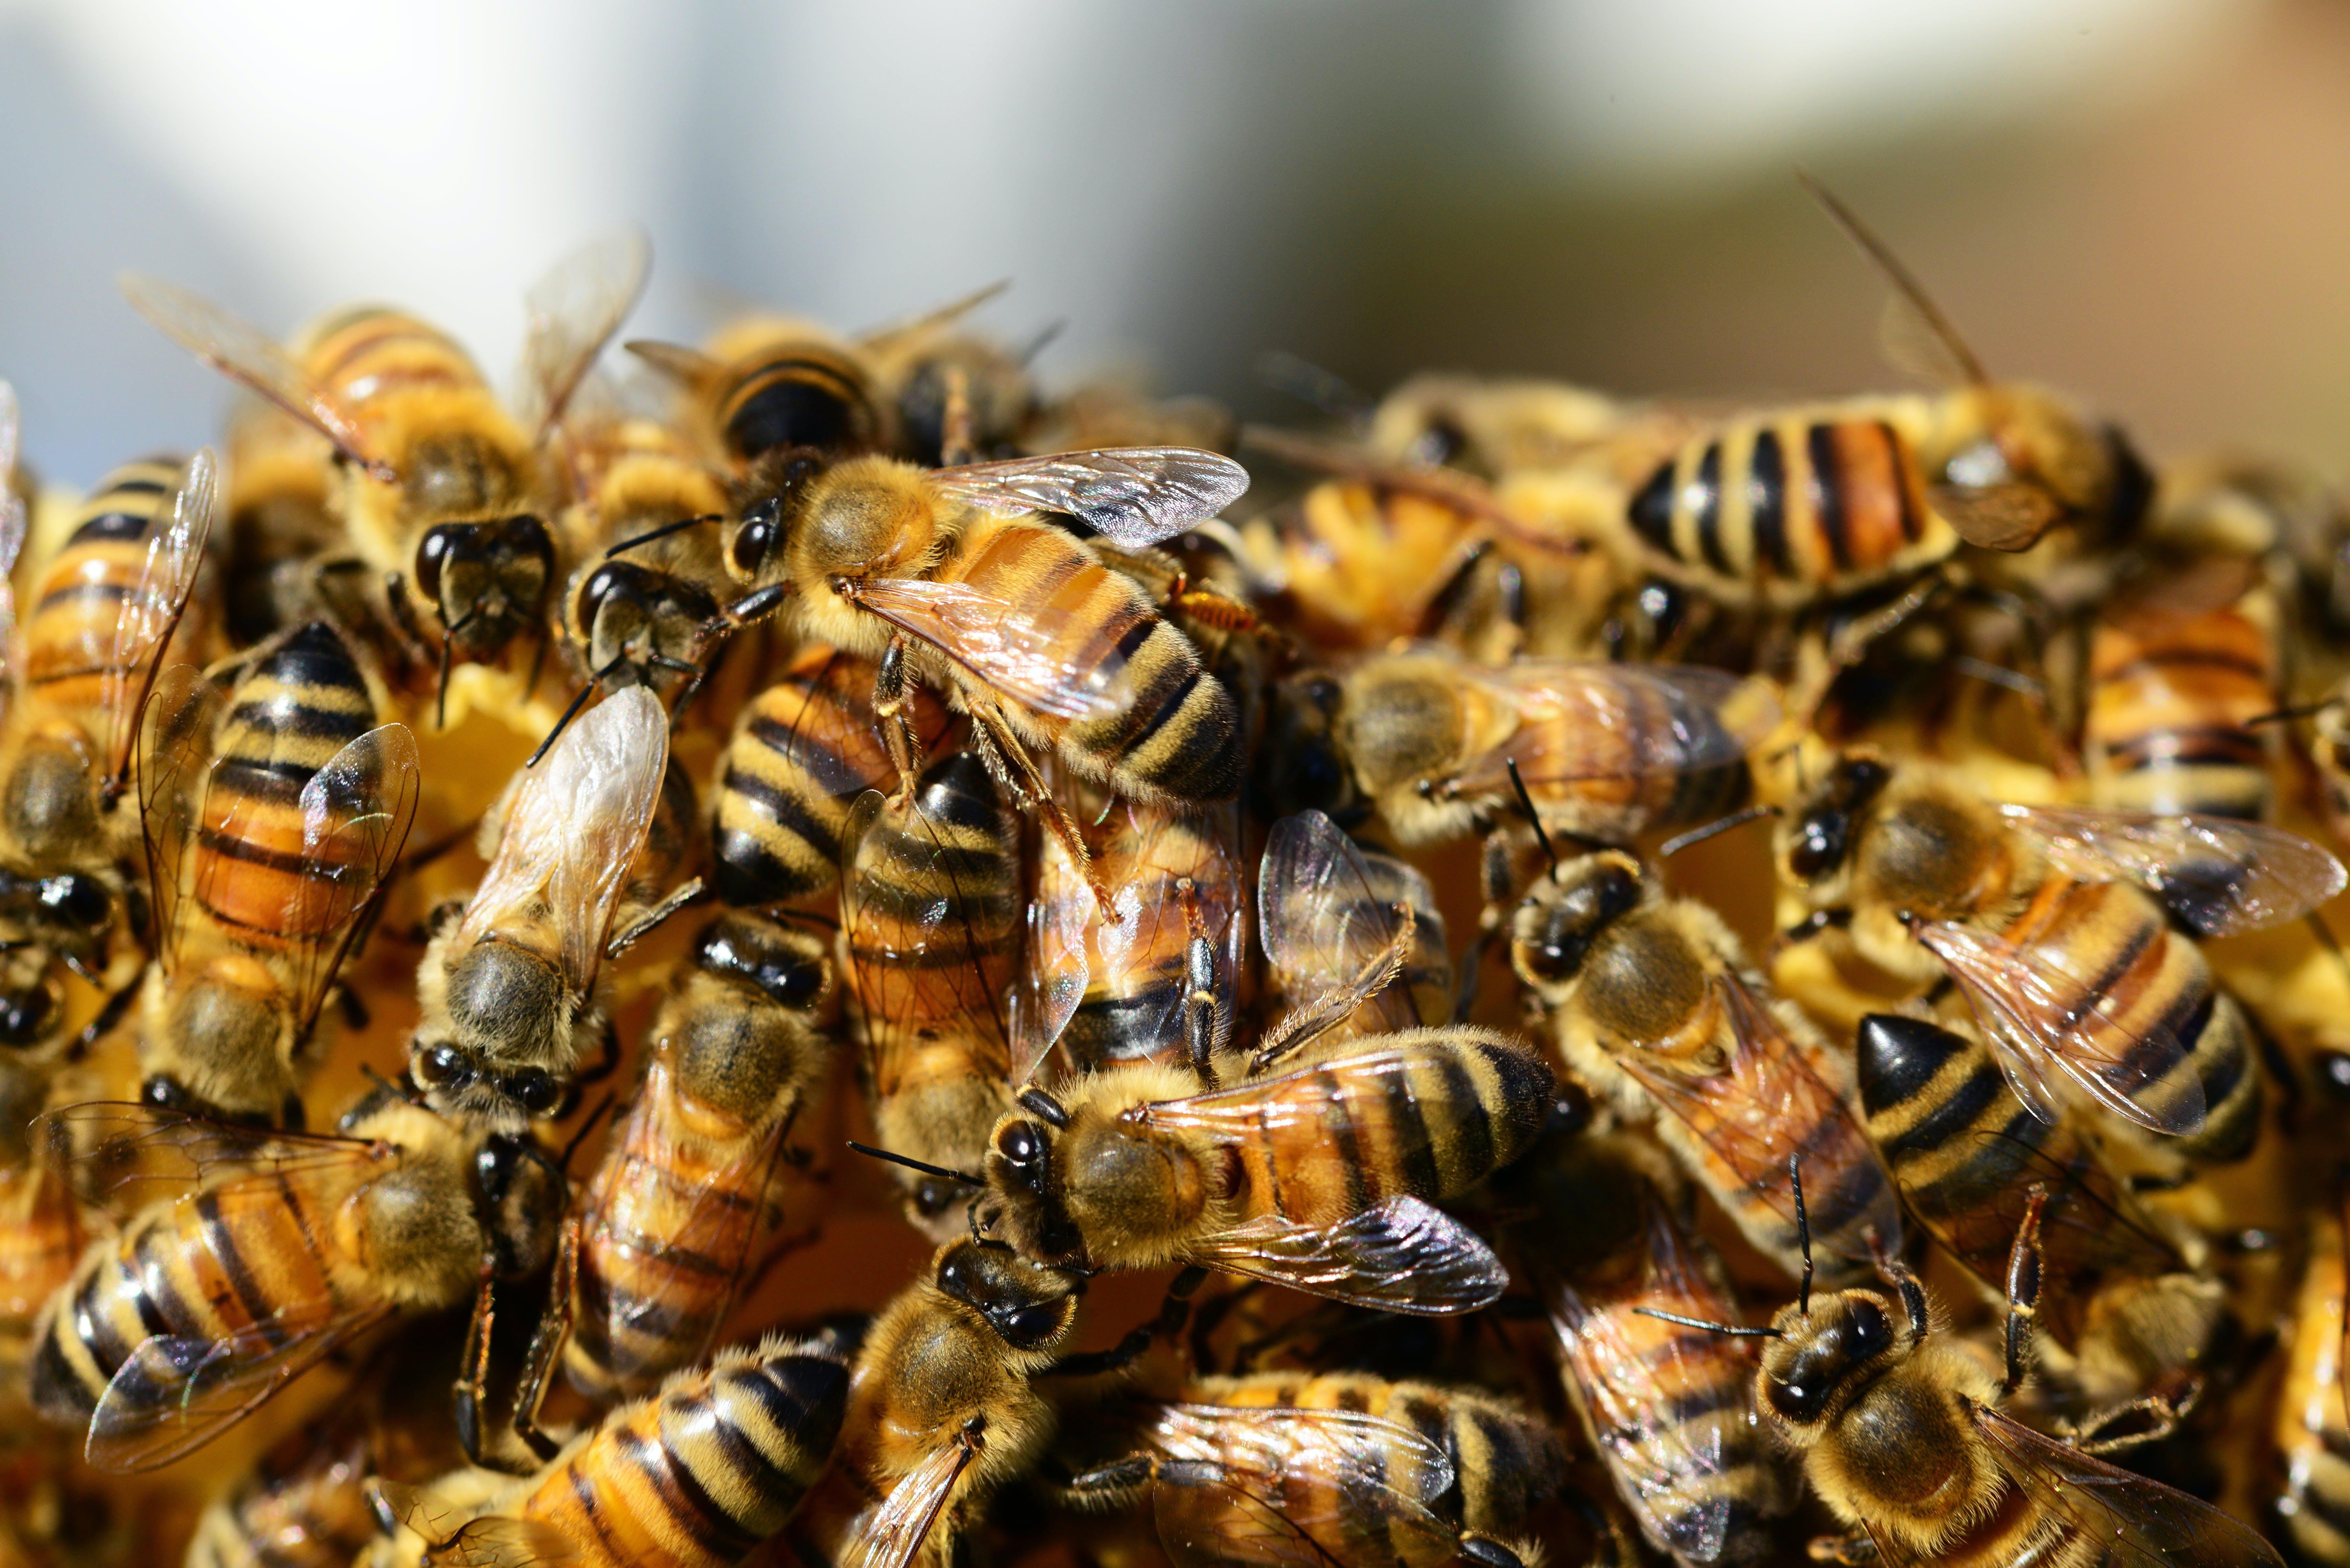 Foto profissional grátis de abelhas, asas, detalhe, enxame de abelhas